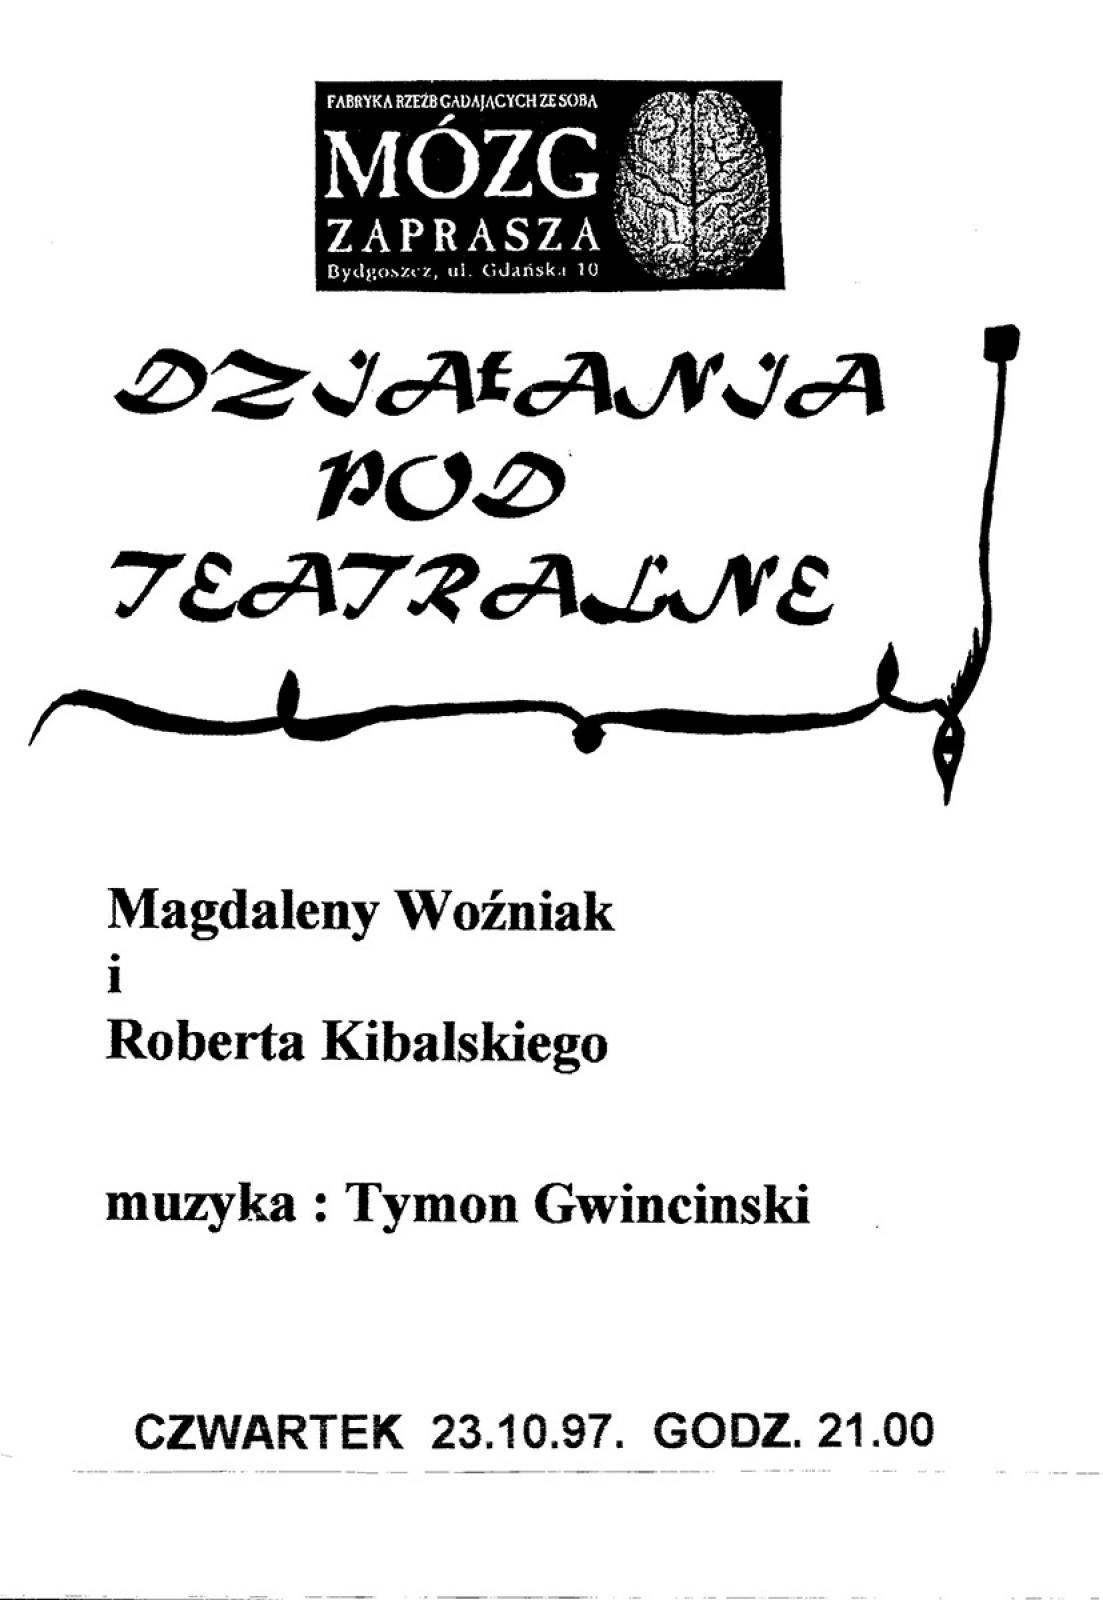 Magdalena Woźniak & Robert Kibalski – działania pod teatralne